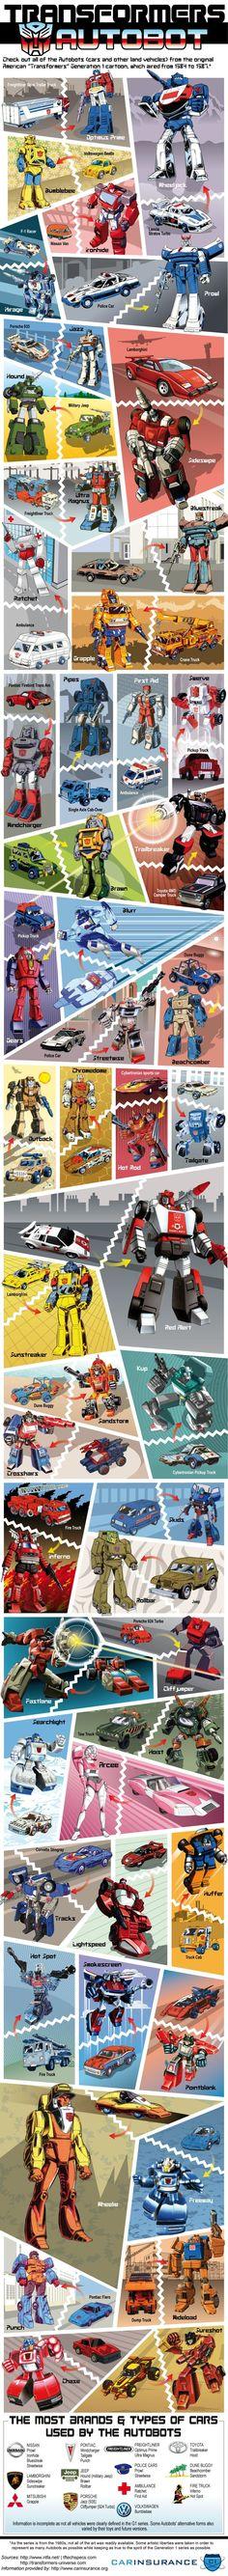 Todos os Transformers Autobots dos anos 80 - Assuntos Criativos